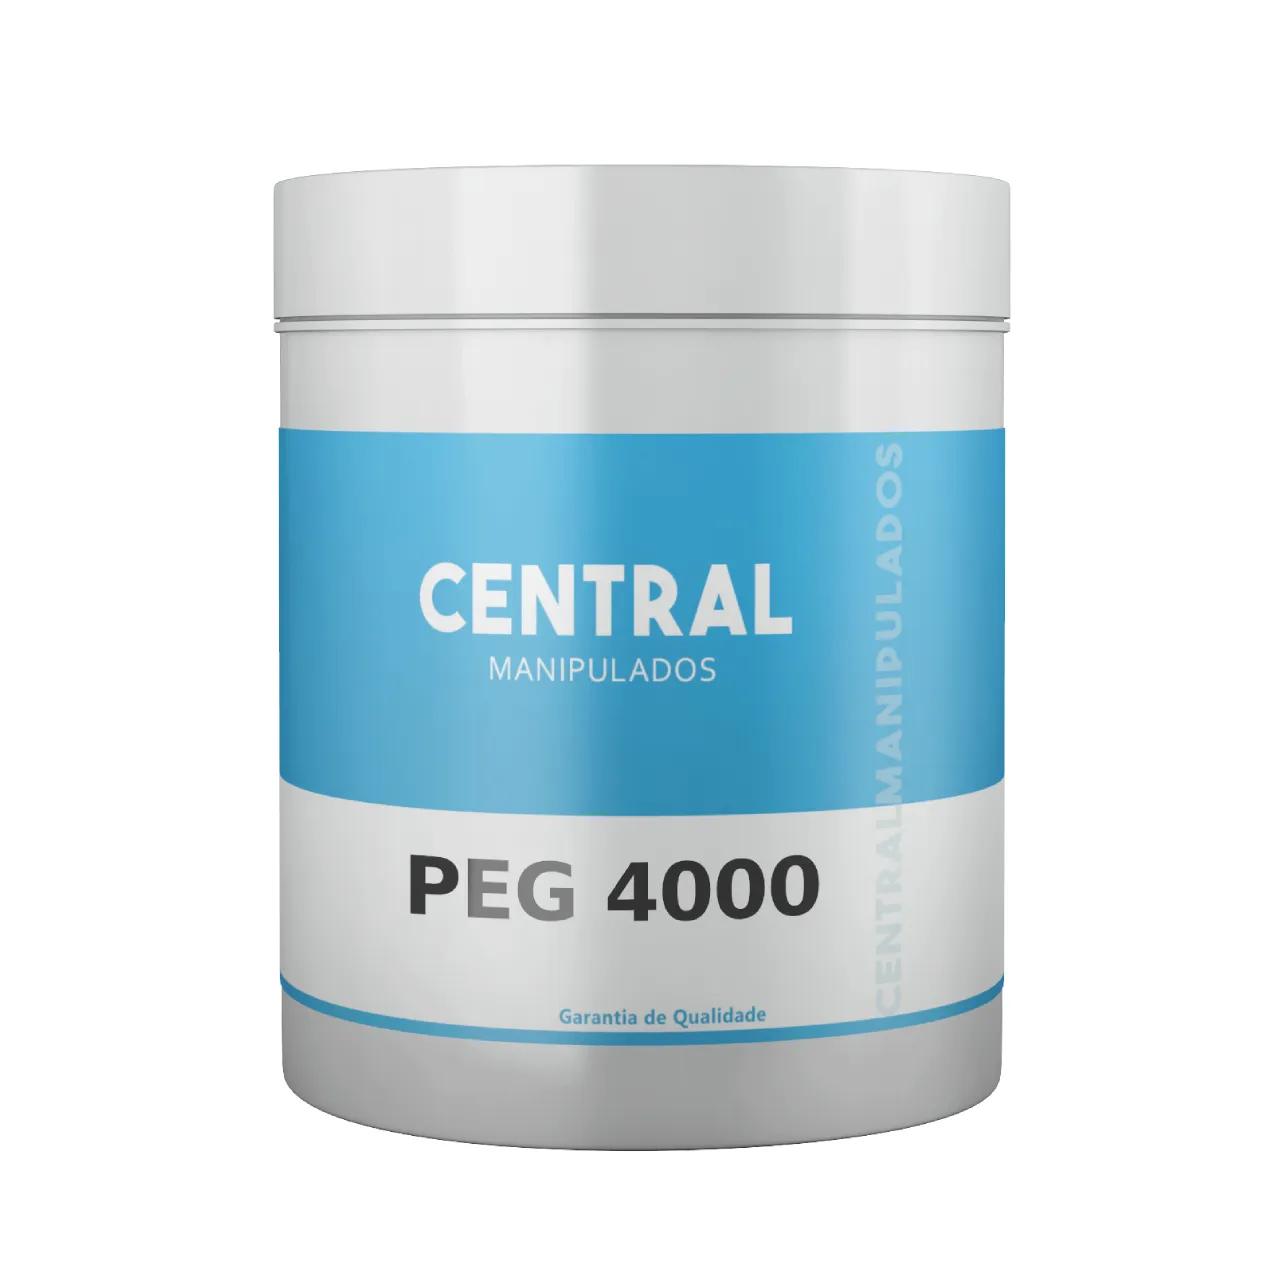 PEG 4000 - 300g - 60 Doses - Em pó